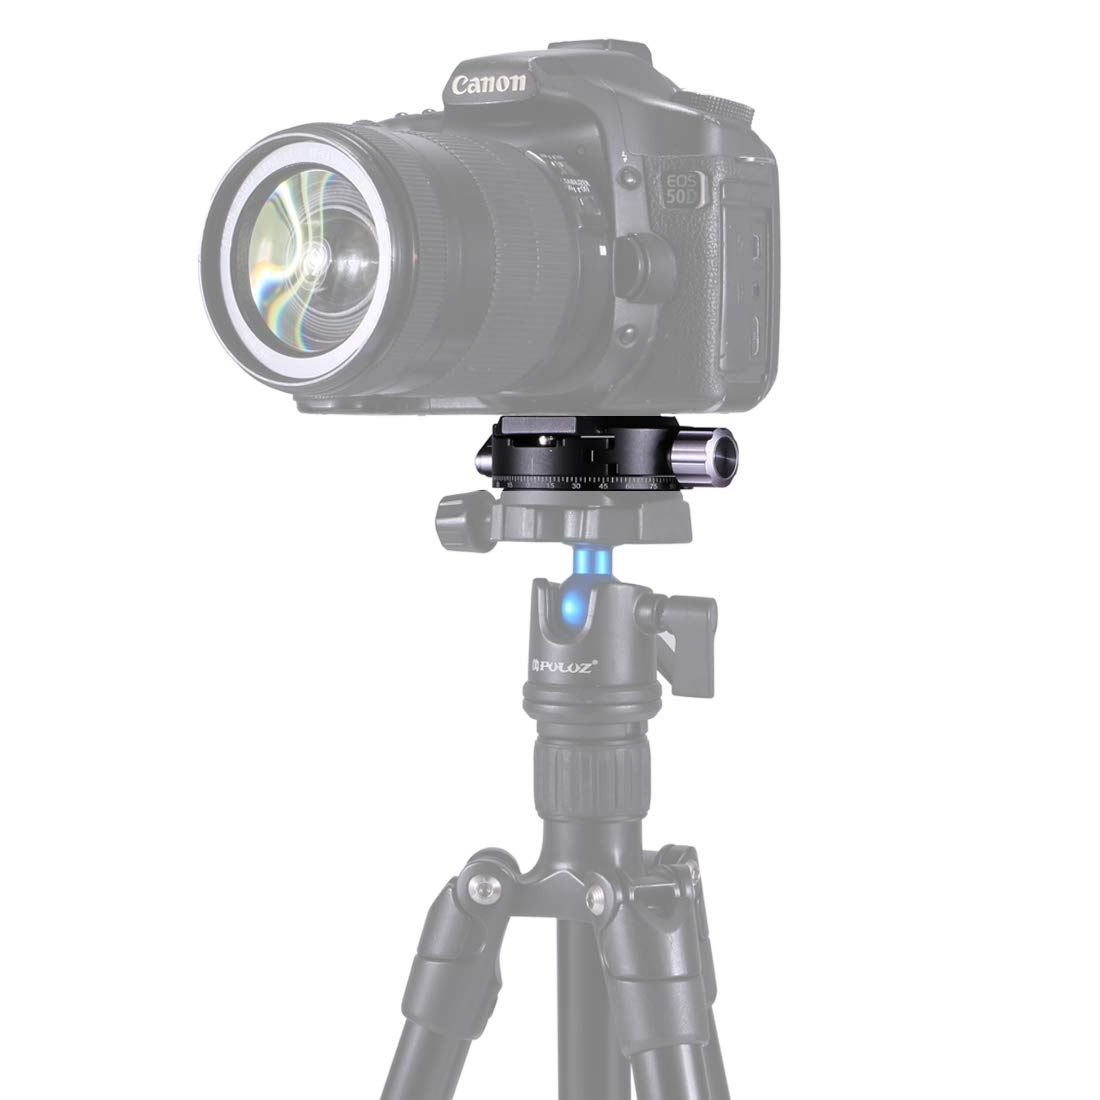 カメラの三脚ヘッドのためのアルミ合金360度パノラマボールヘッド   B07PDRPNVK